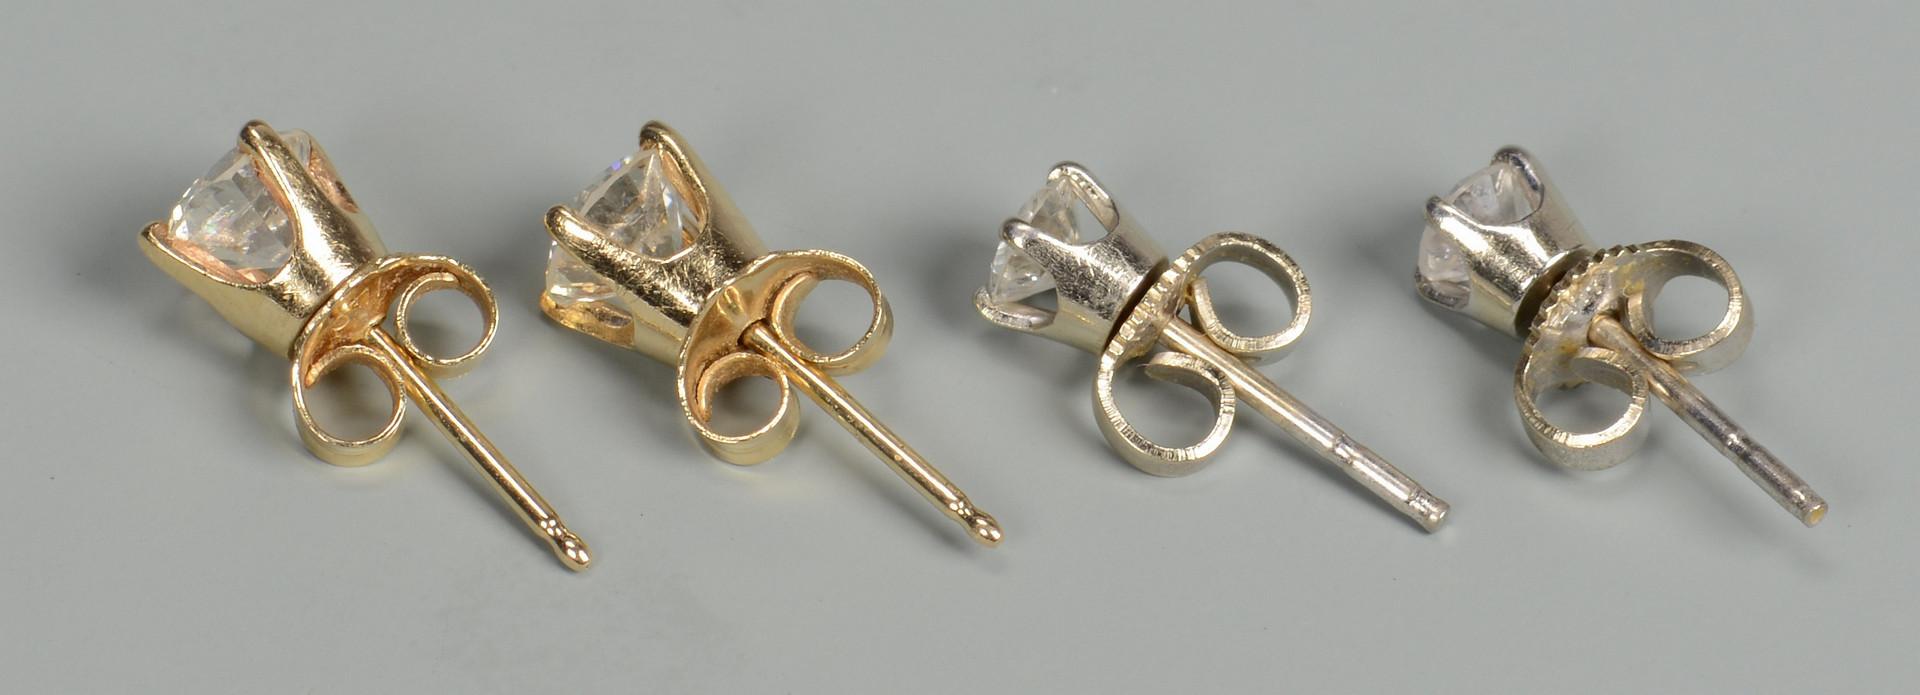 Lot 583: 2 Prs. Diamond Stud Earrings